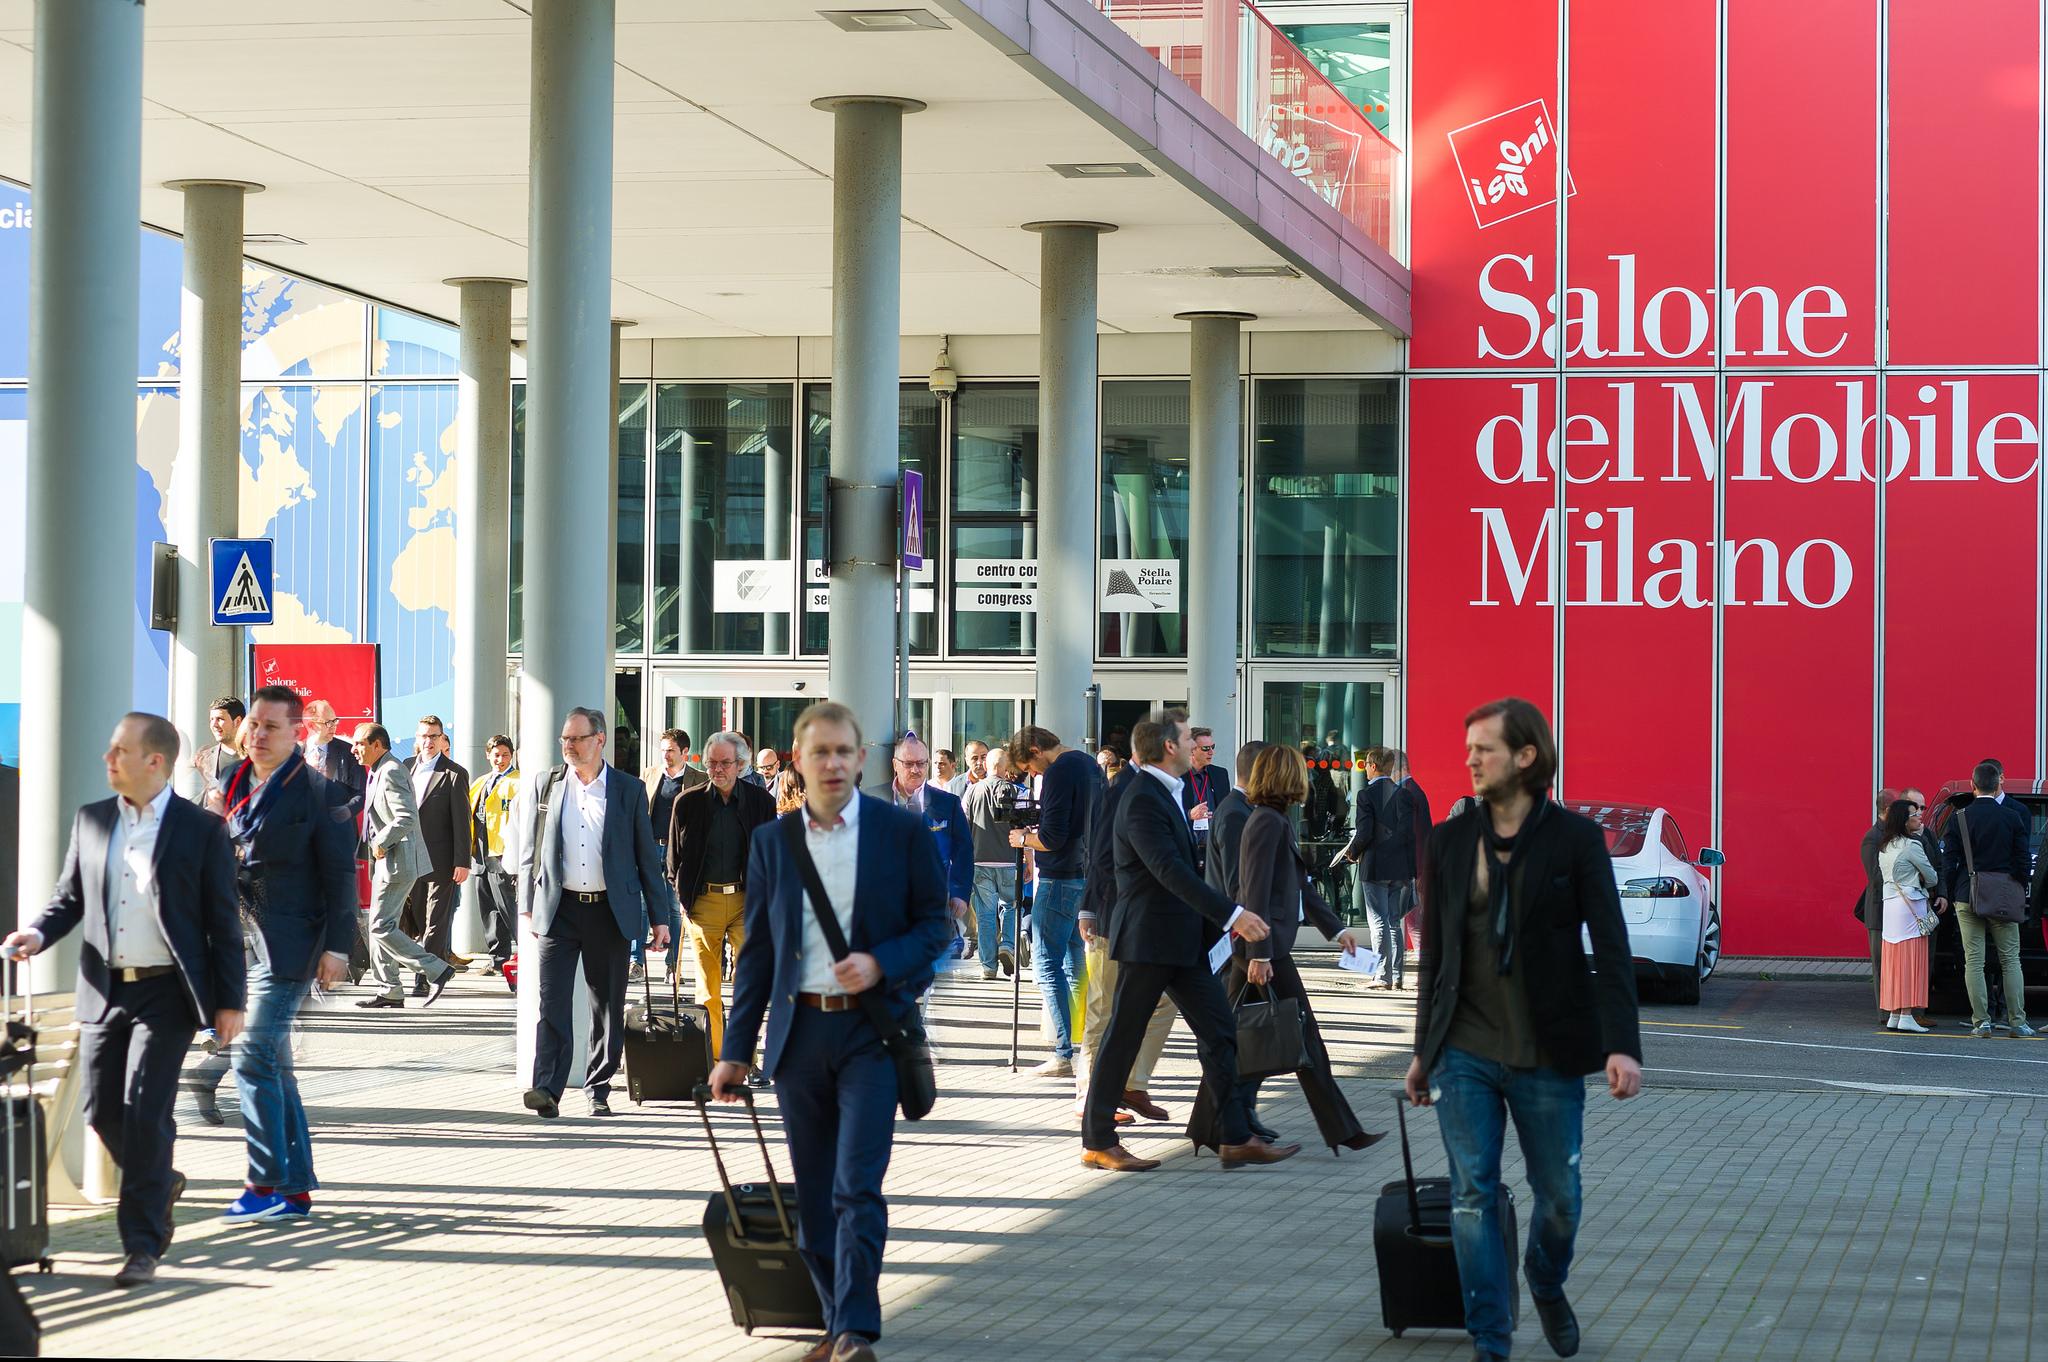 Itália | Pacote Feira I Saloni - Milão - De 04 a 09 de Abril de 2017 | Pacote Feiras Internacionais